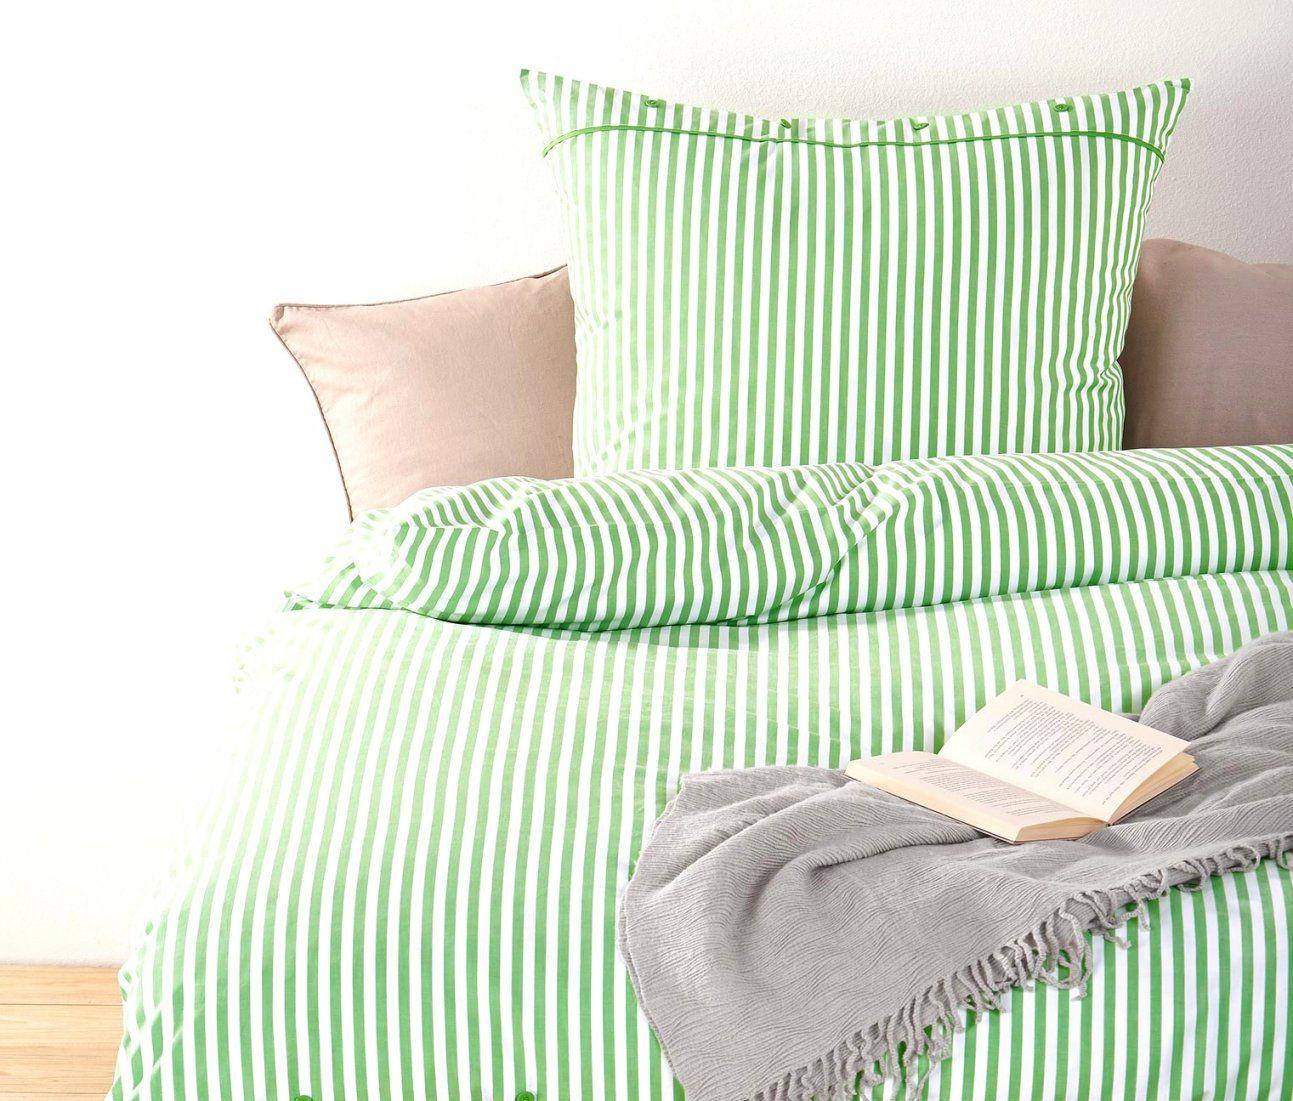 Entzückende Inspiration Bettwäsche Bügeln Und Unglaubliche Muss Man von Perkal Bettwäsche Bügeln Bild